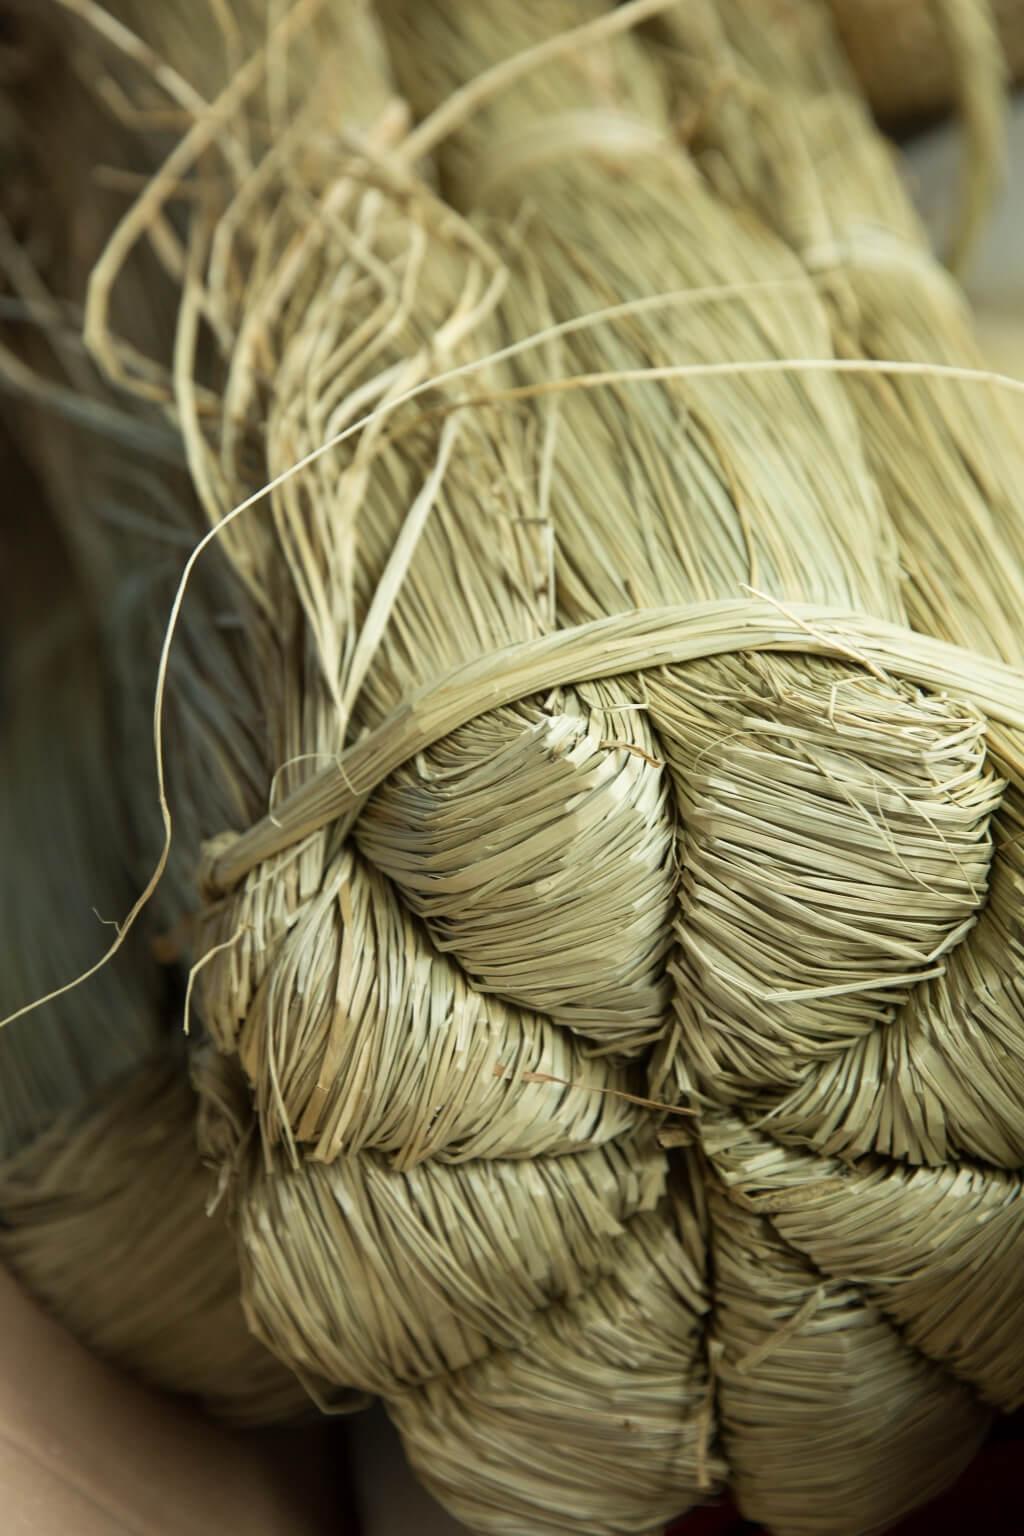 一包水草有兩卷,每卷八紮,色澤淺褐,草身粗壯,夠乾身,可以儲存甚久。